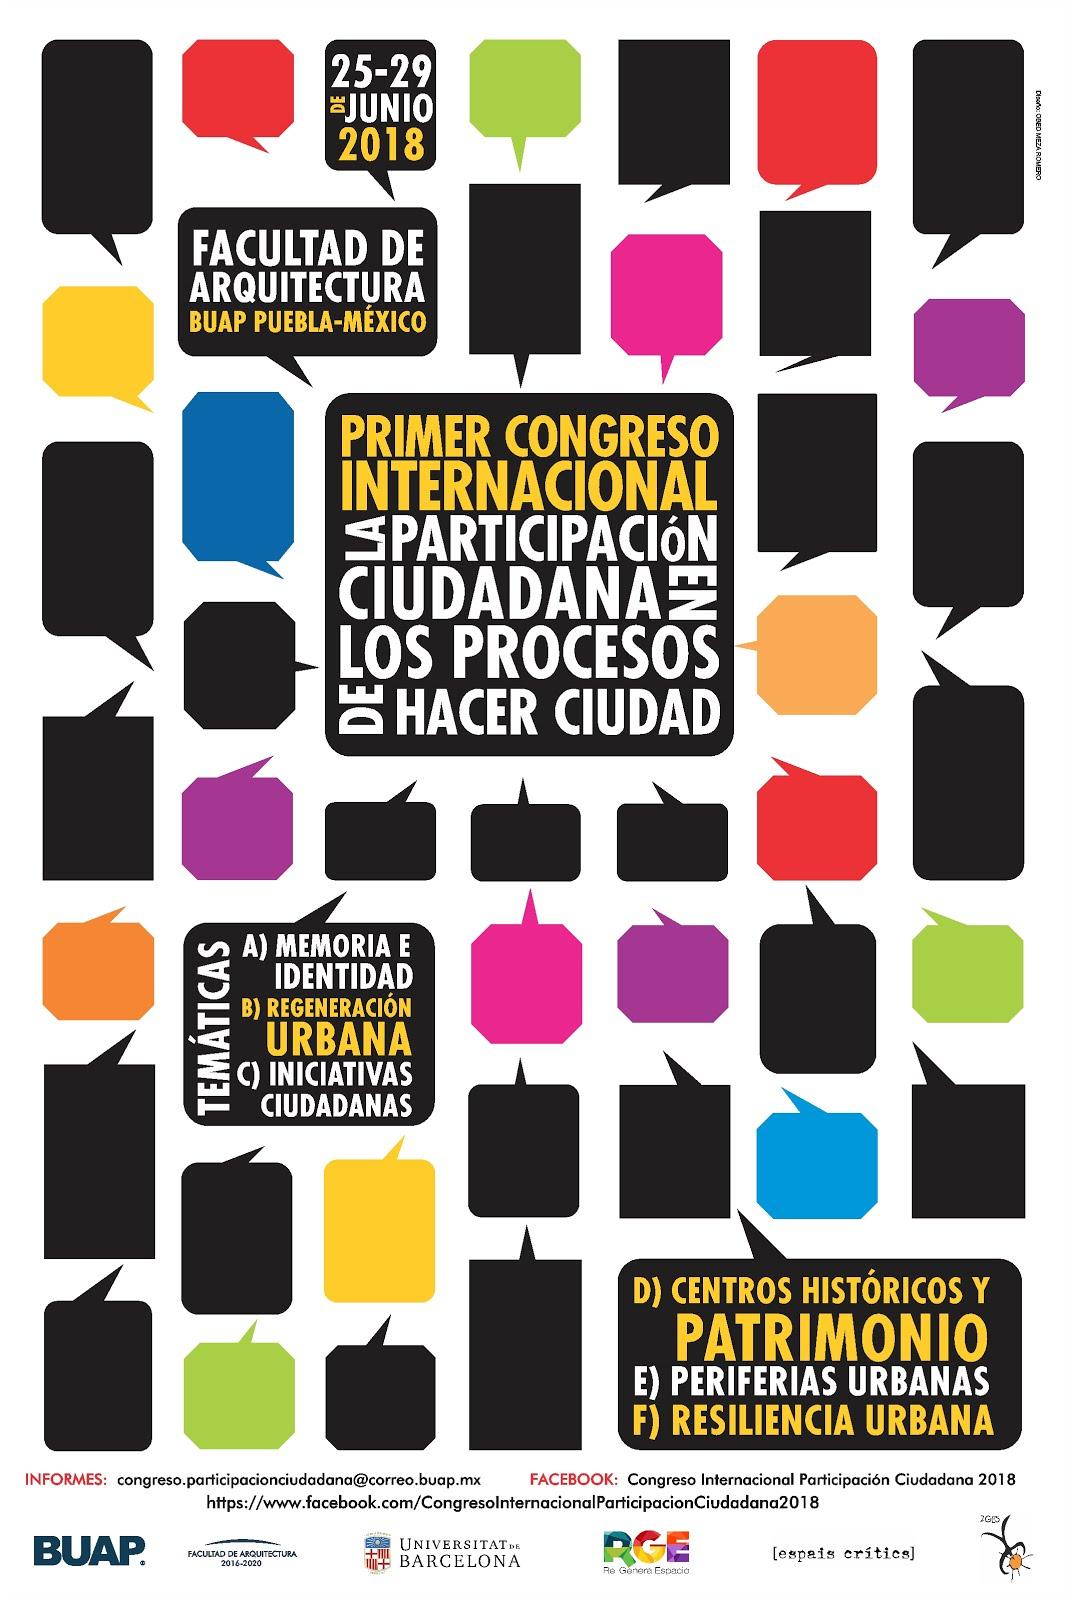 Congreso Internacional La Participación Ciudadana en los Procesos de Hacer Ciudad